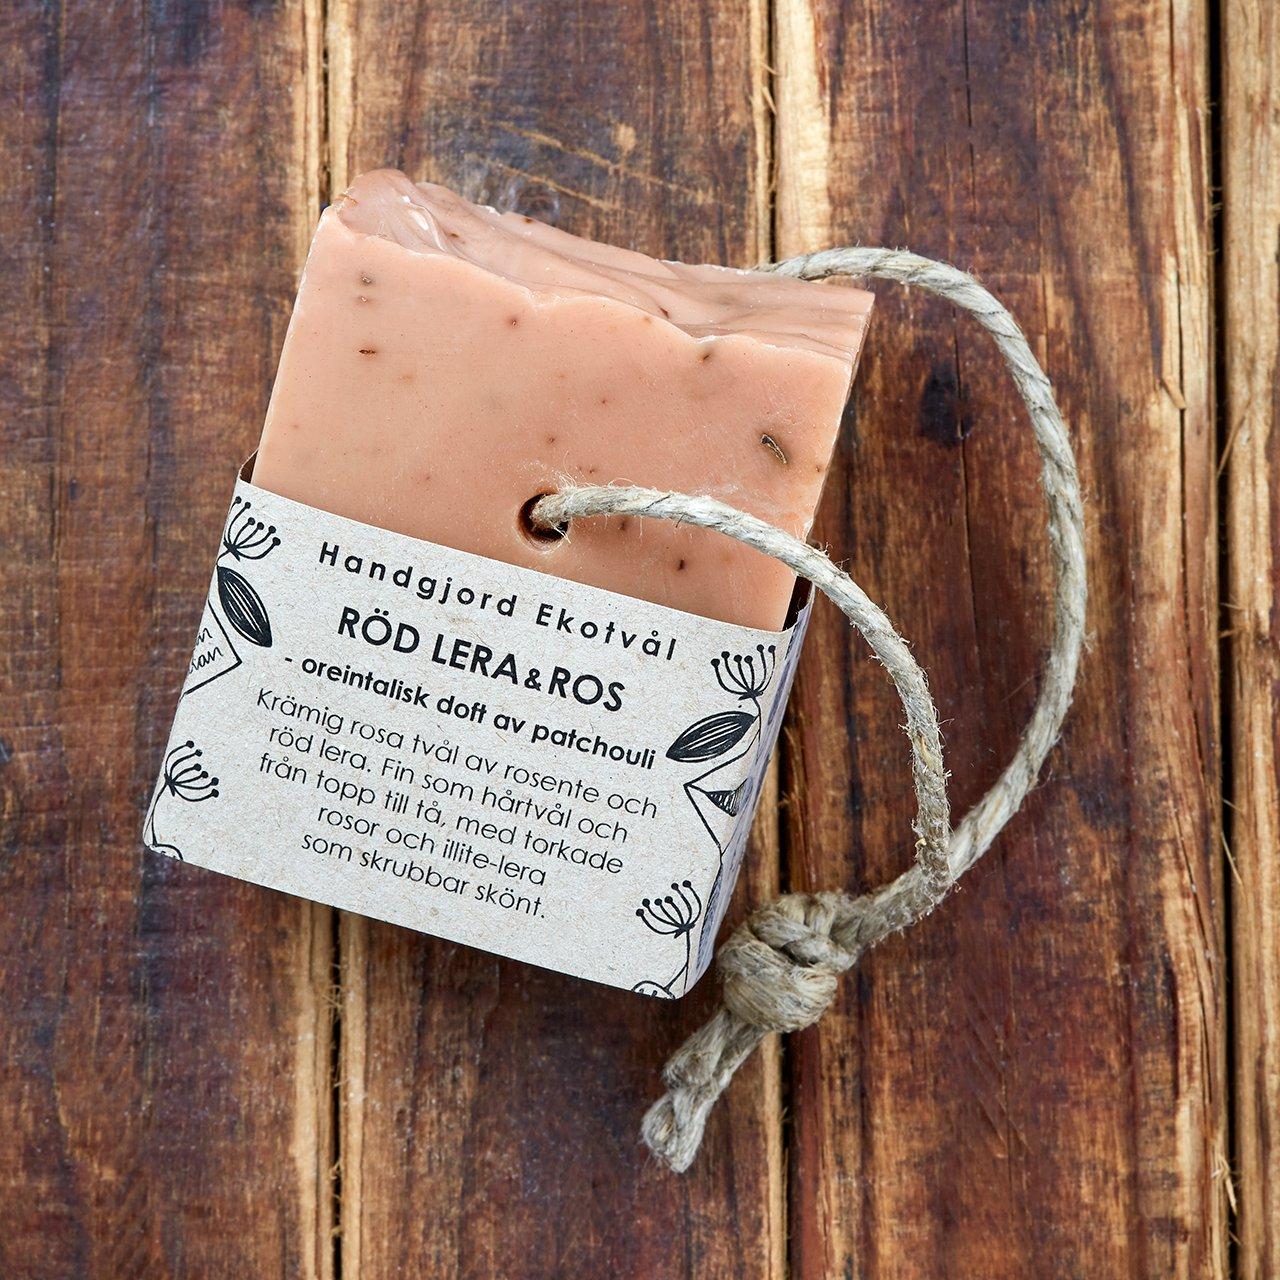 Handgjord Ekotvål Röd Lera & Ros - orientalisk doft av patchouli